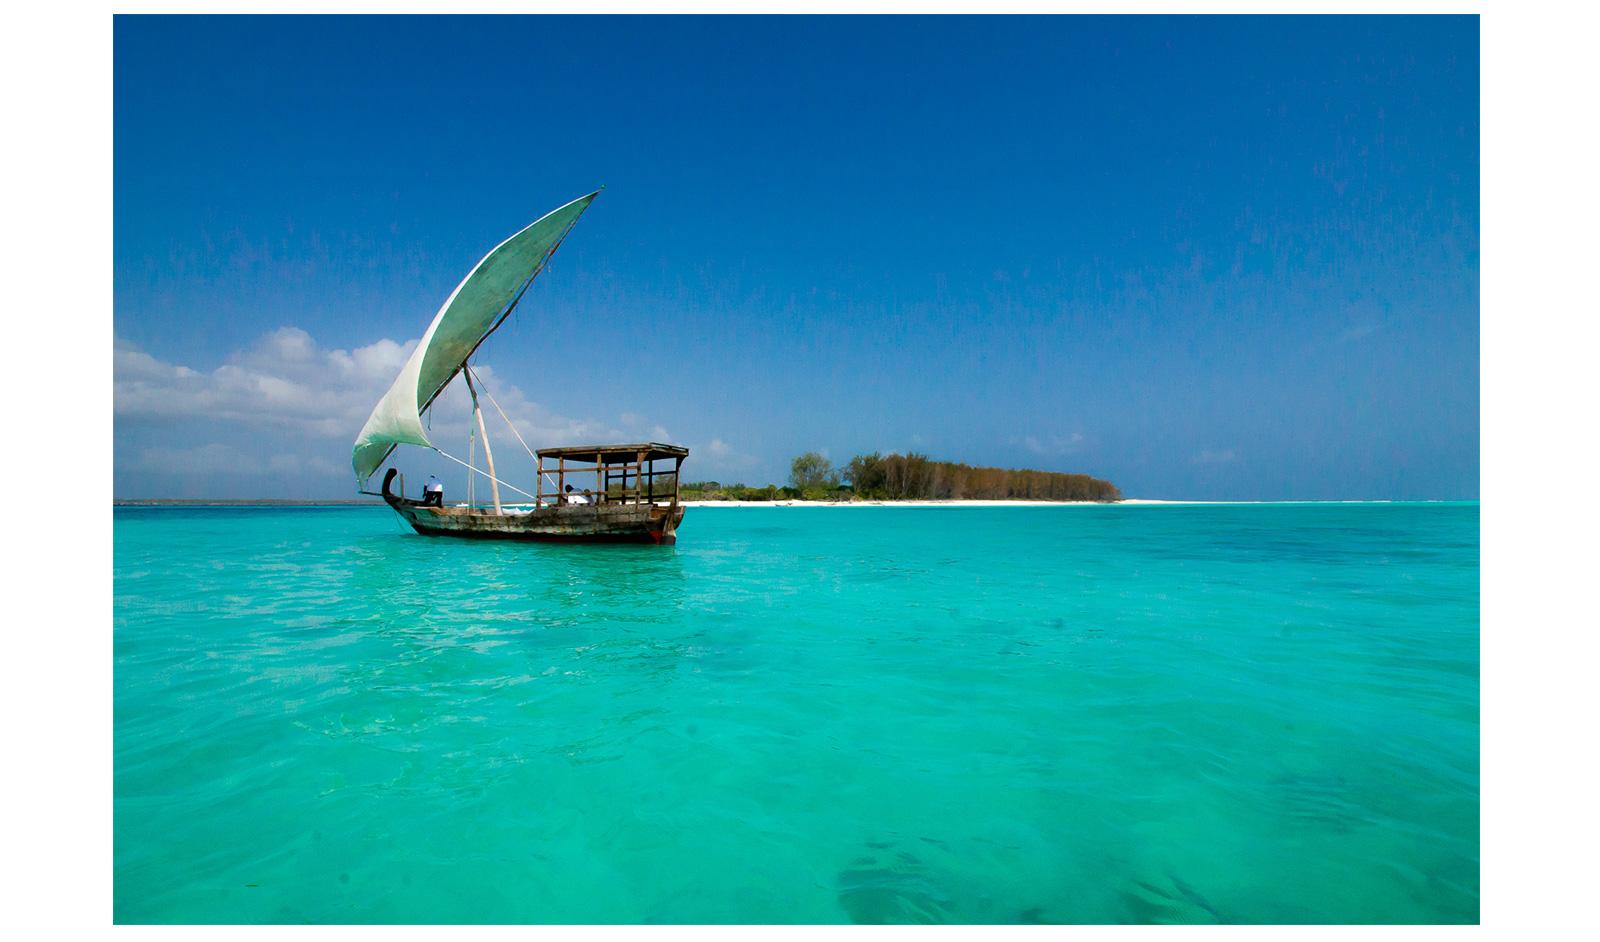 Kerry-de-Bruyn--Mnemba-island,-Zanzibar